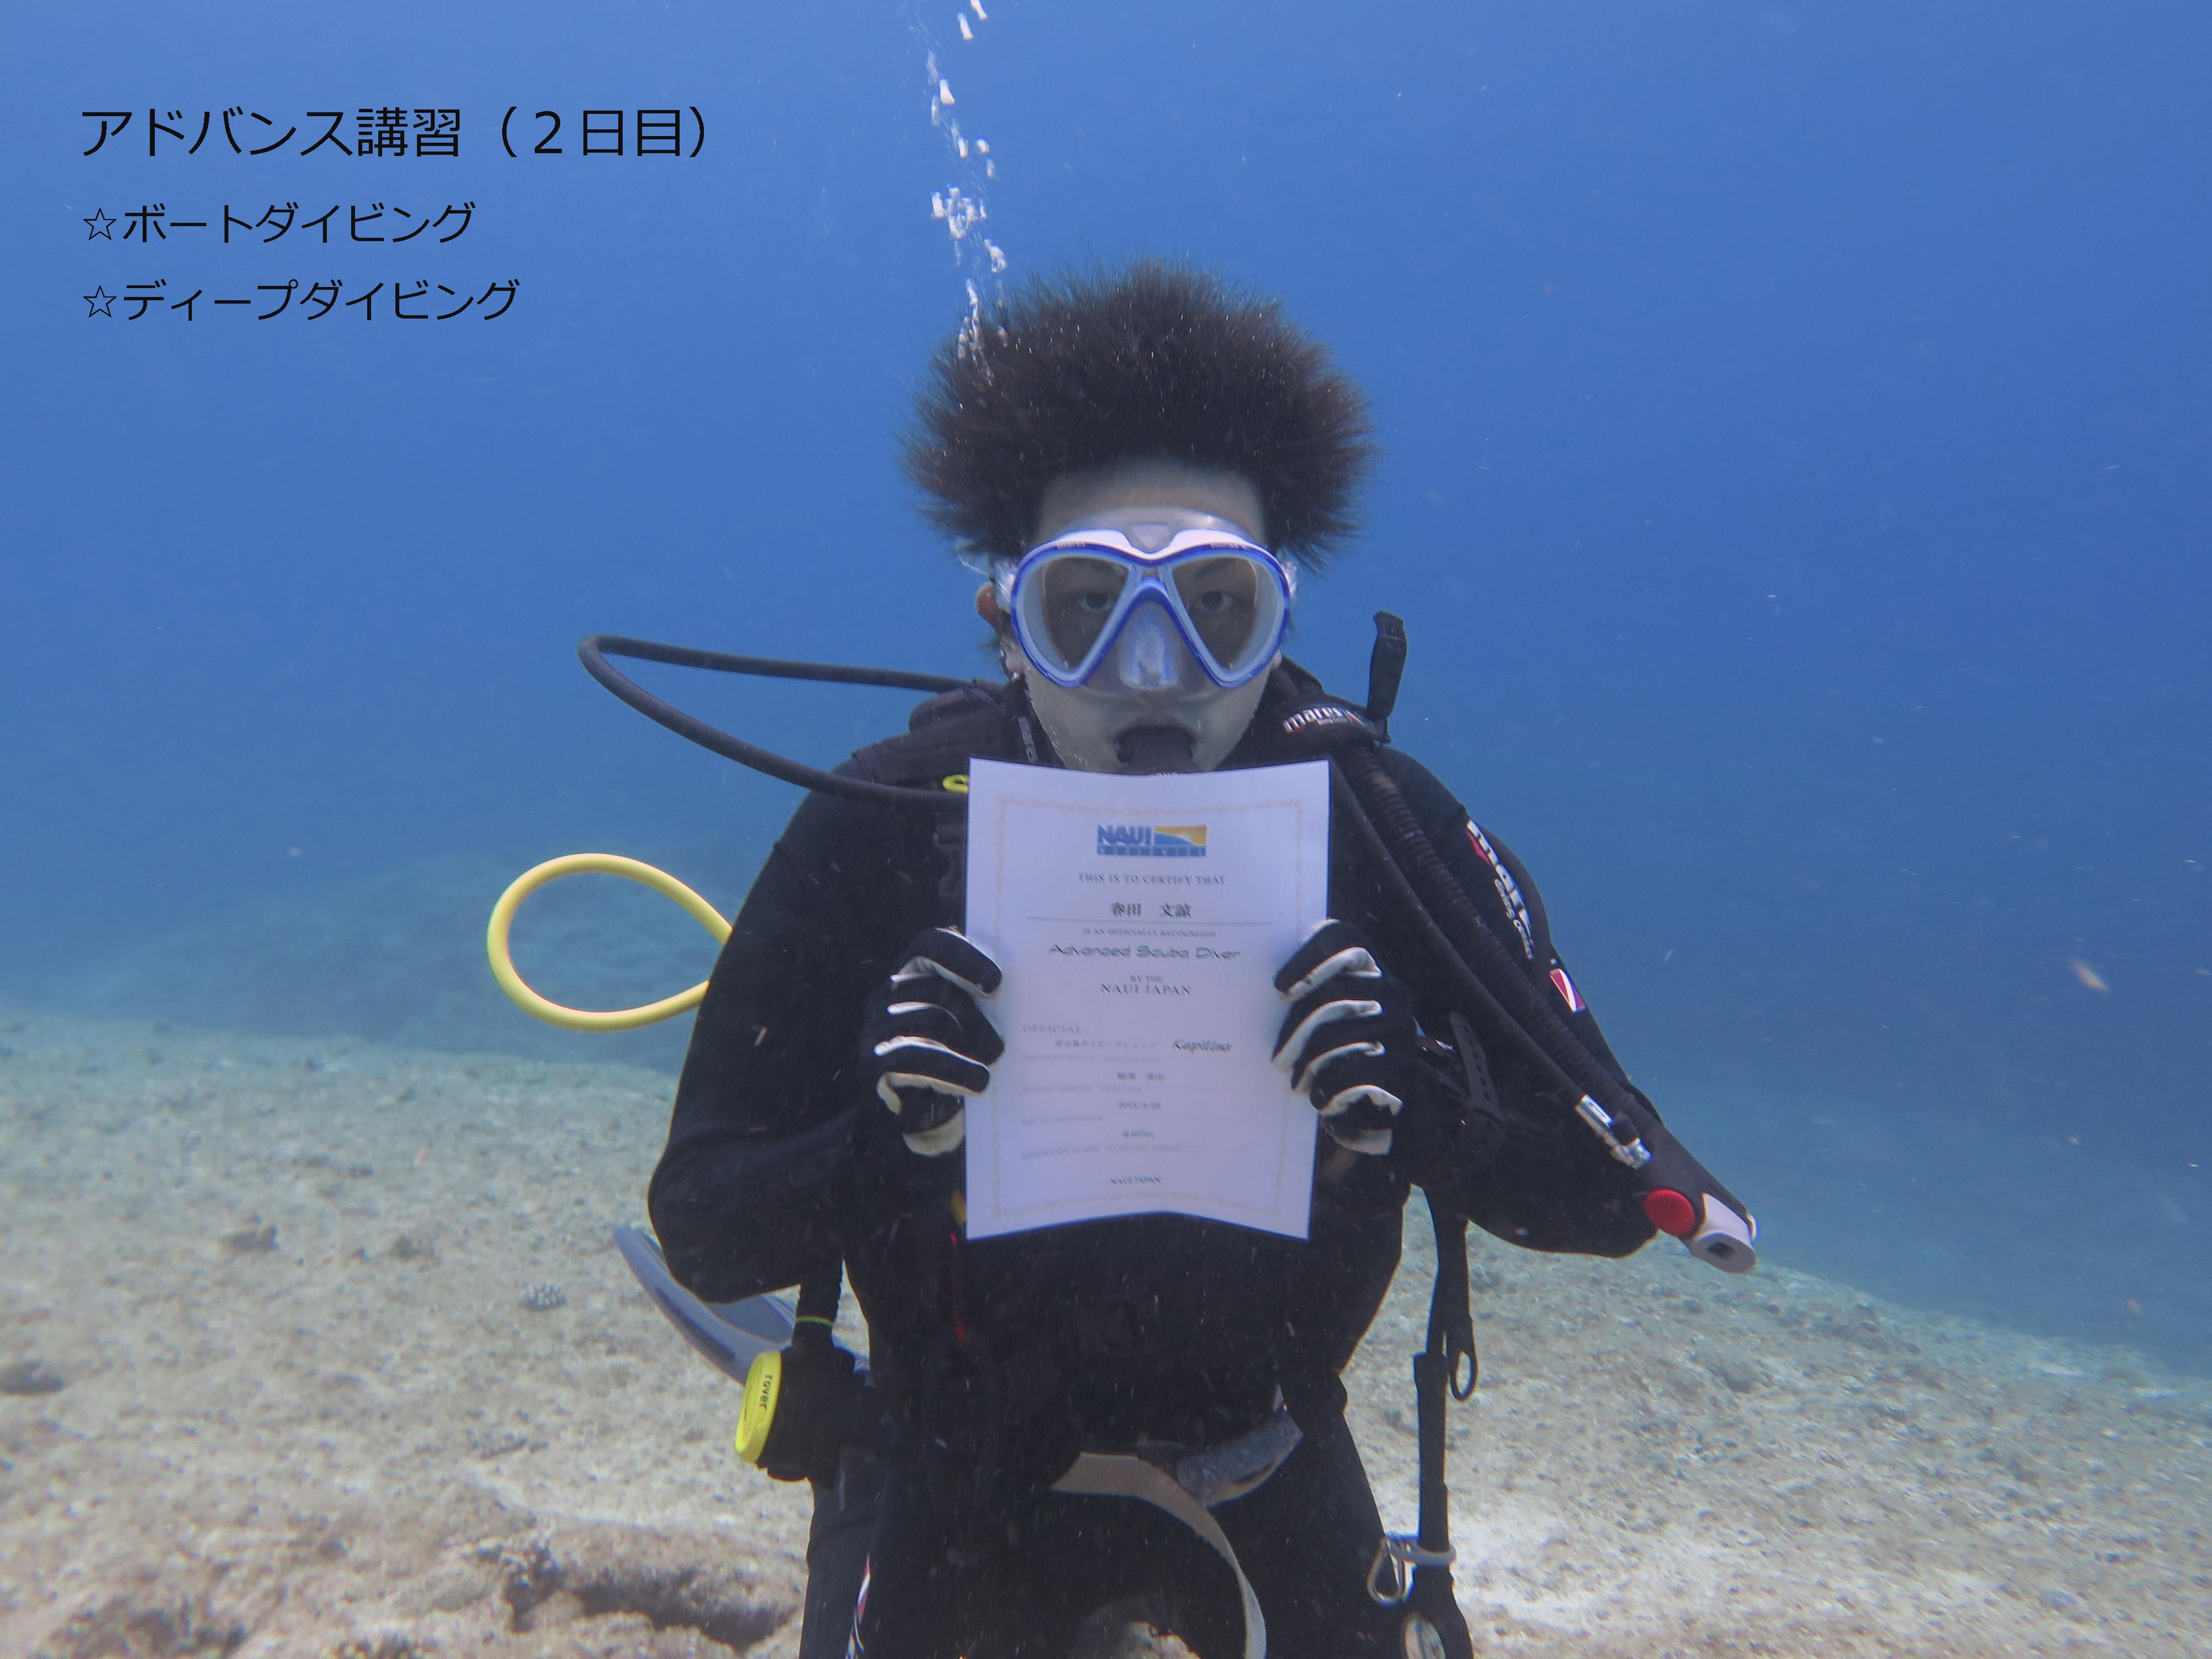 アドバンス認定!!!